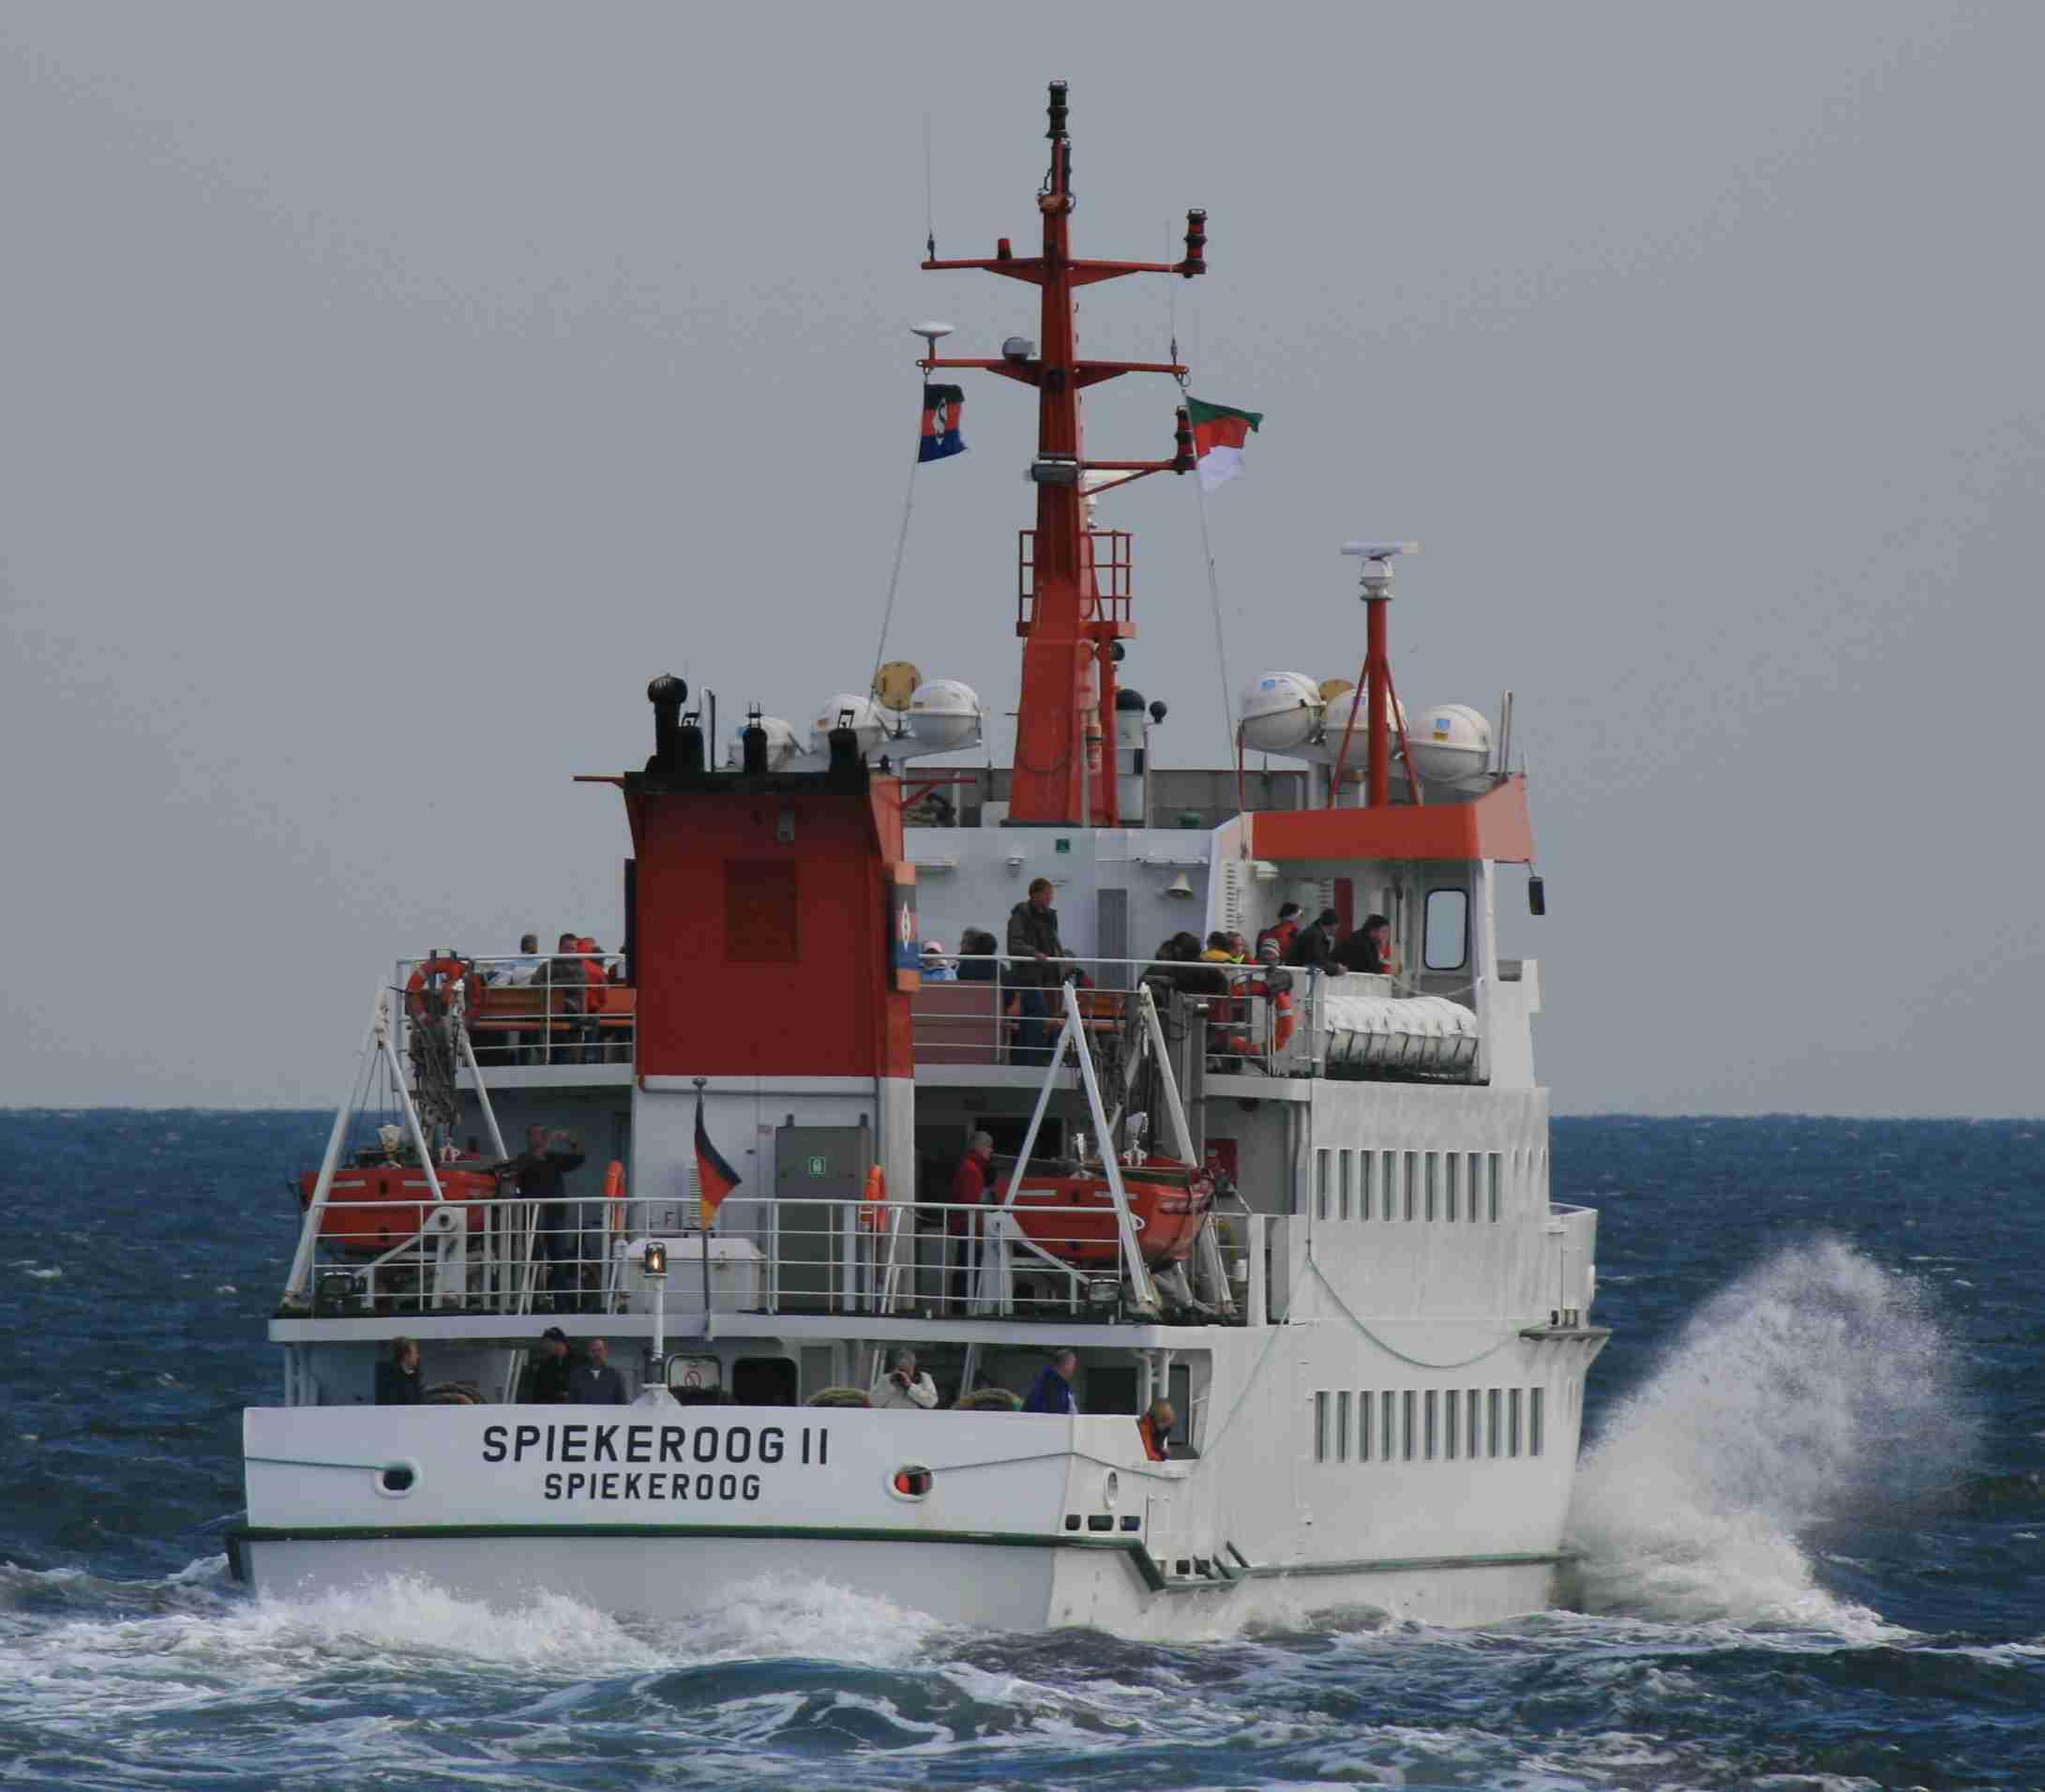 Seeb derschiffe im helgolanddienst 2007 2 halbjahr - Deichblick spiekeroog spiekeroog ...